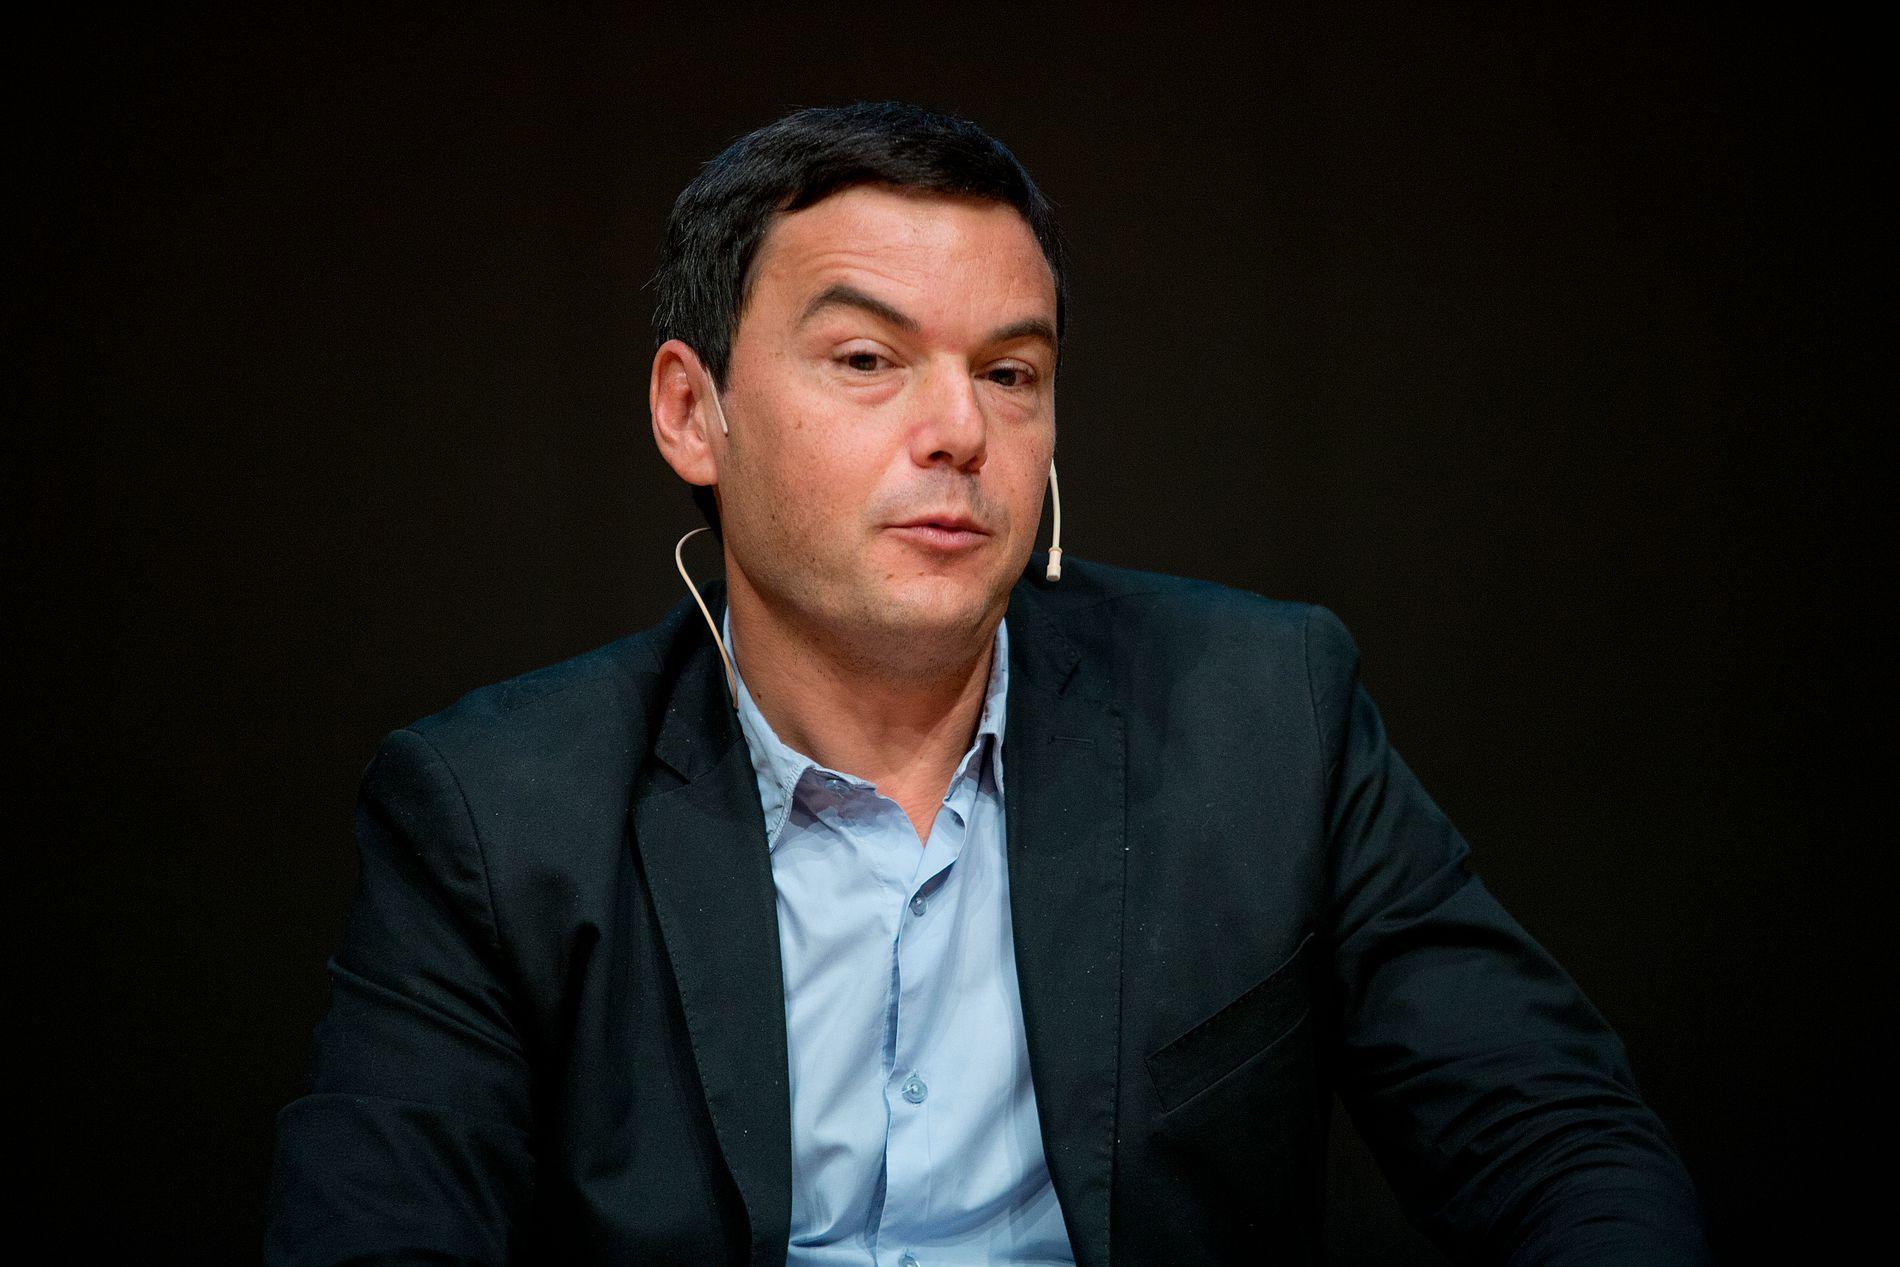 STJERNEØKONOM: Den franske akademikeren Thomas Piketty påviste at ulikheten i verden er på vei opp. Stadig flere av verdens rikeste har arvet pengene sine.